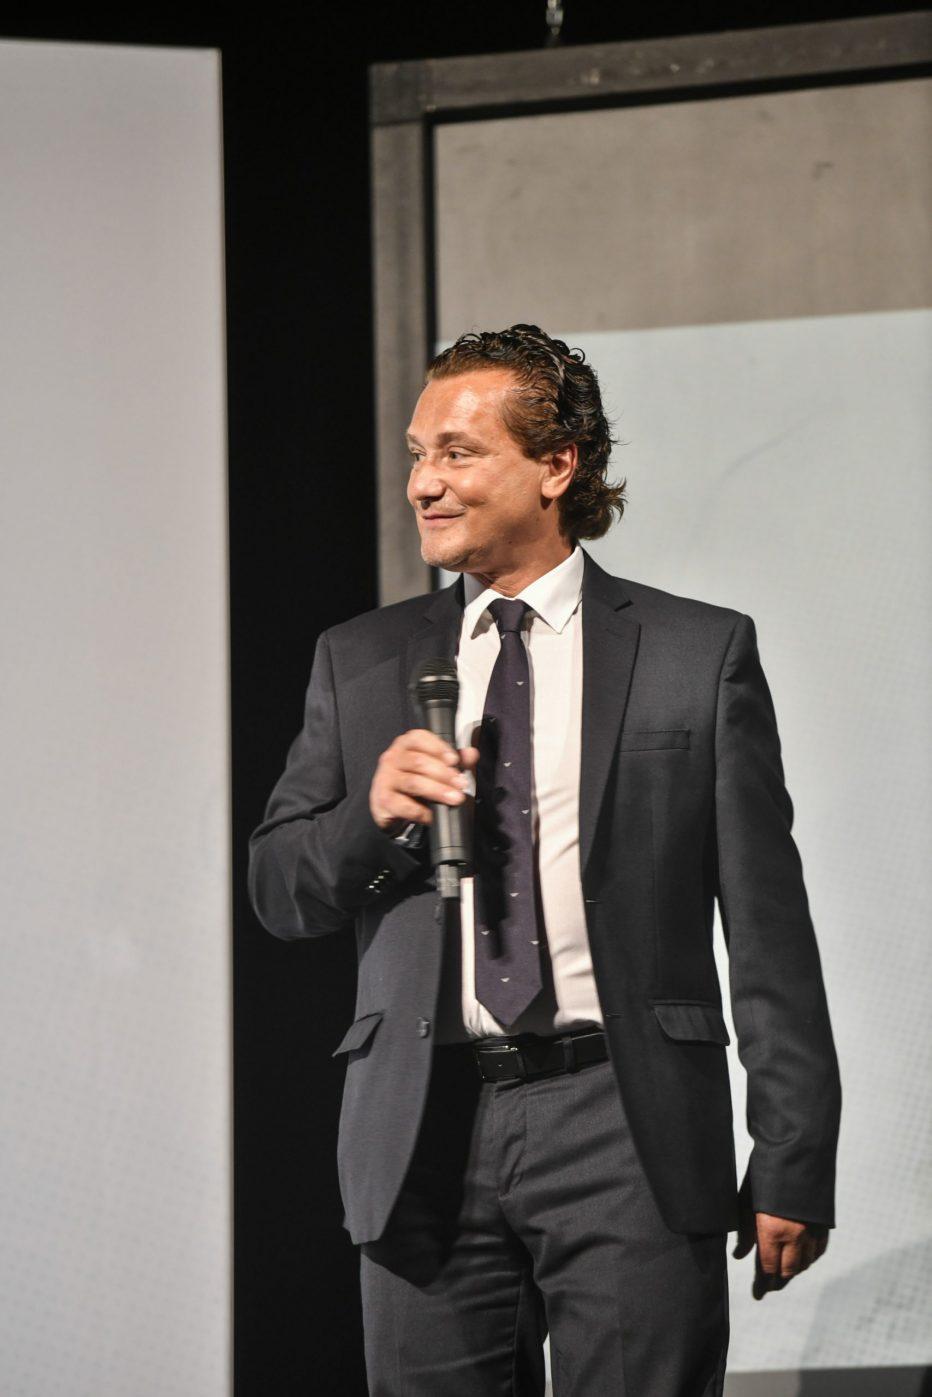 INTERVISTA AL SINDACO DI CORTINA D'AMPEZZO GIANPIETRO GHEDINA DEL MESE DI SETTEMBRE 2021